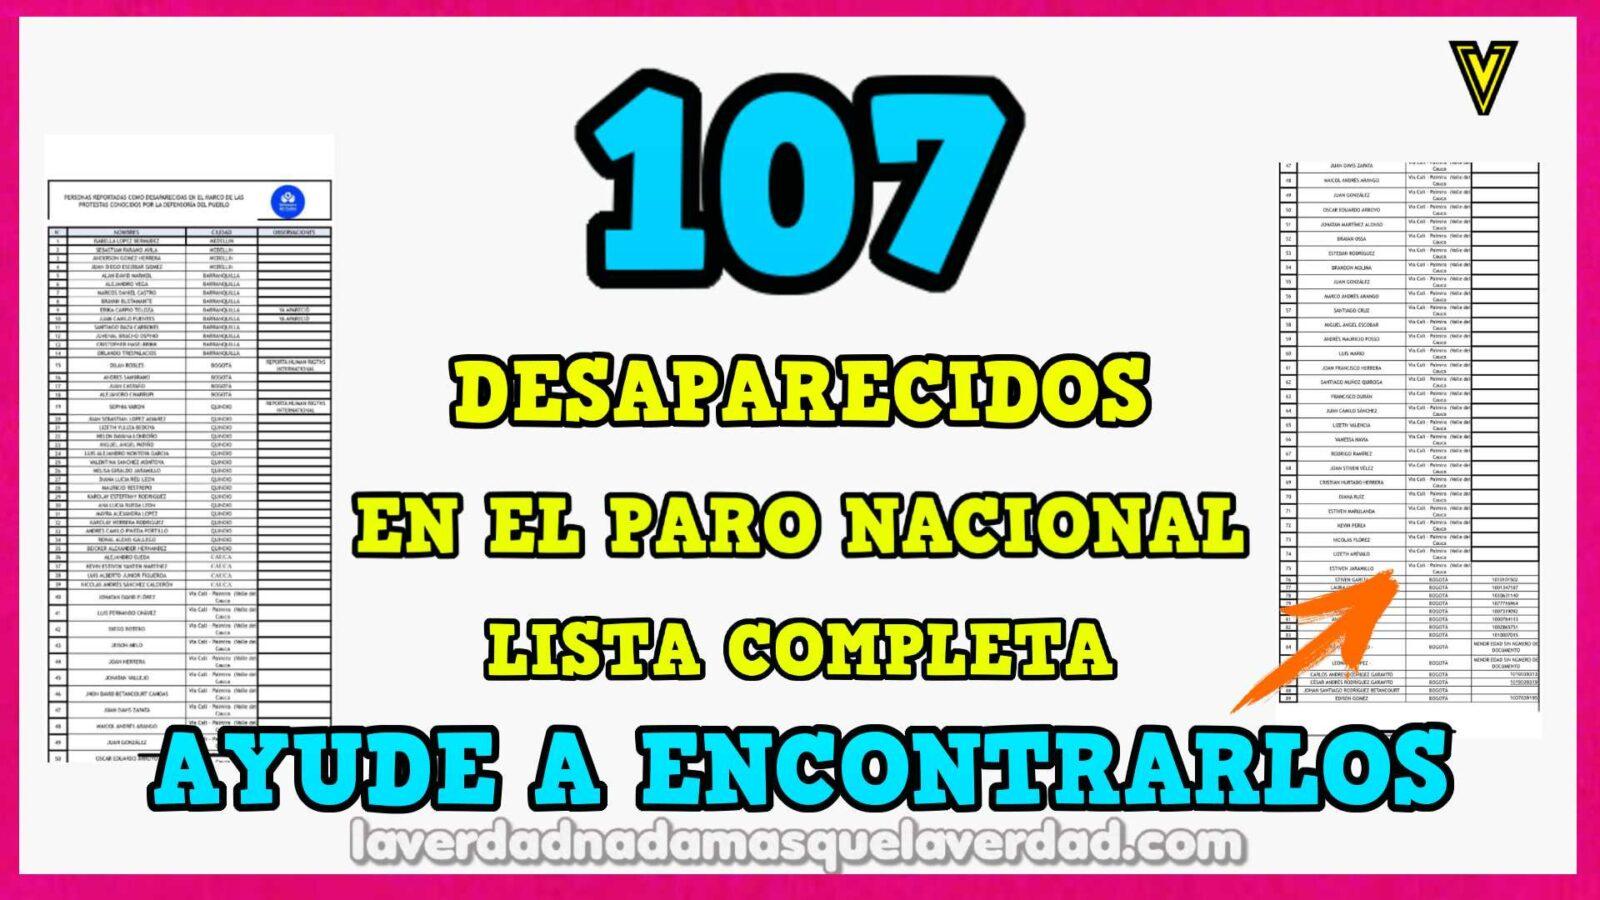 107 DESAPARECIDOS EN COLOMBIA